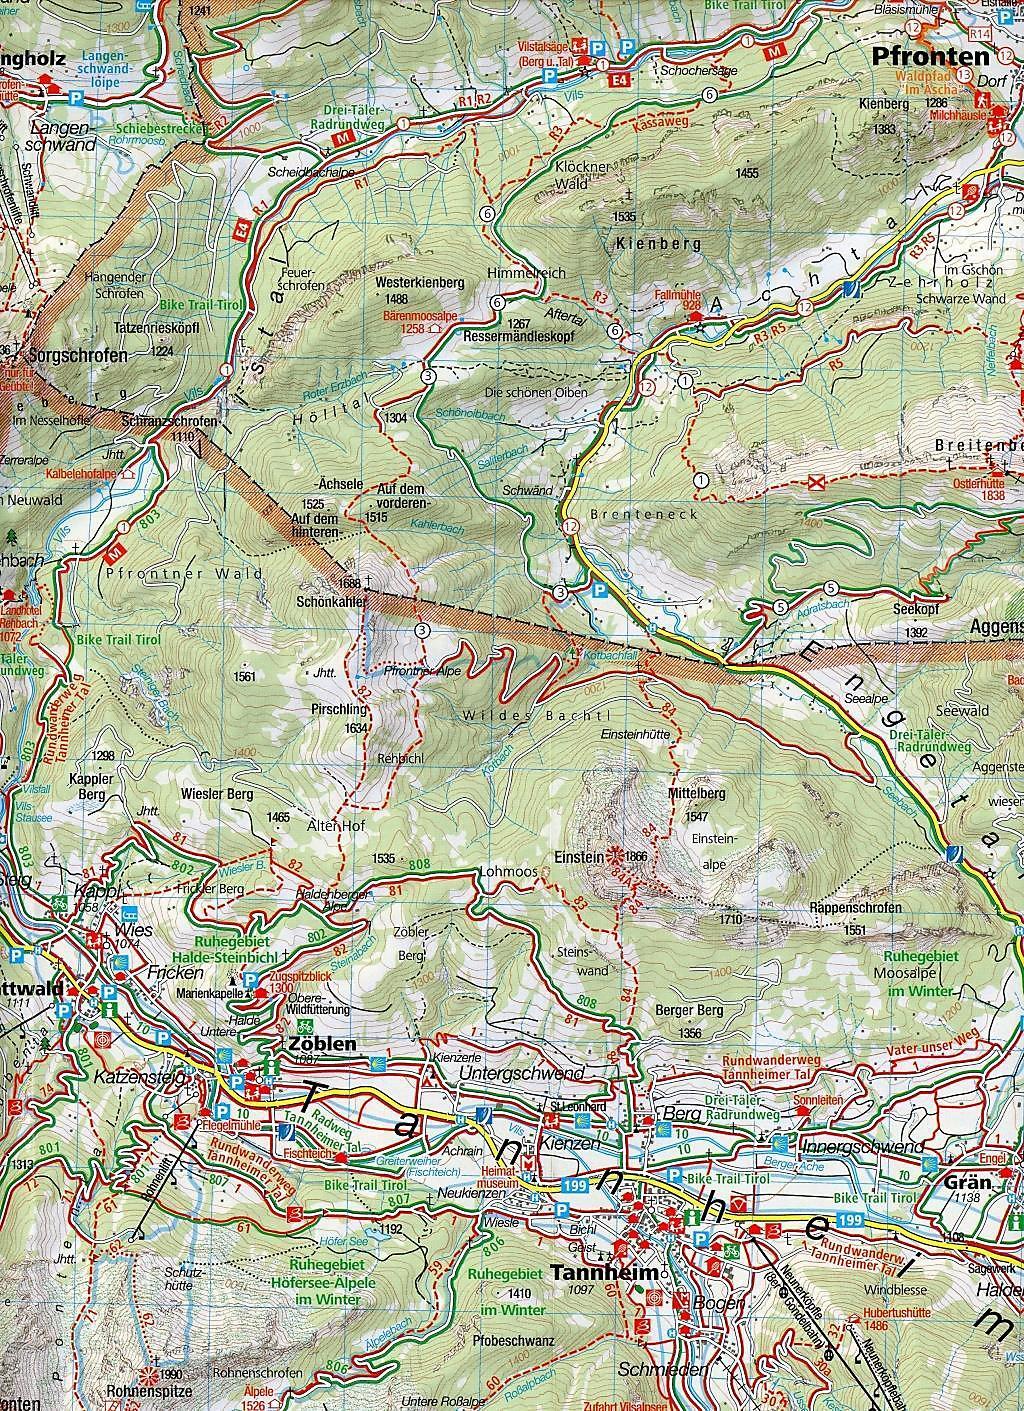 Tannheimer Tal Karte.Kompass Karte Tannheimer Tal Buch Bei Weltbild De Bestellen